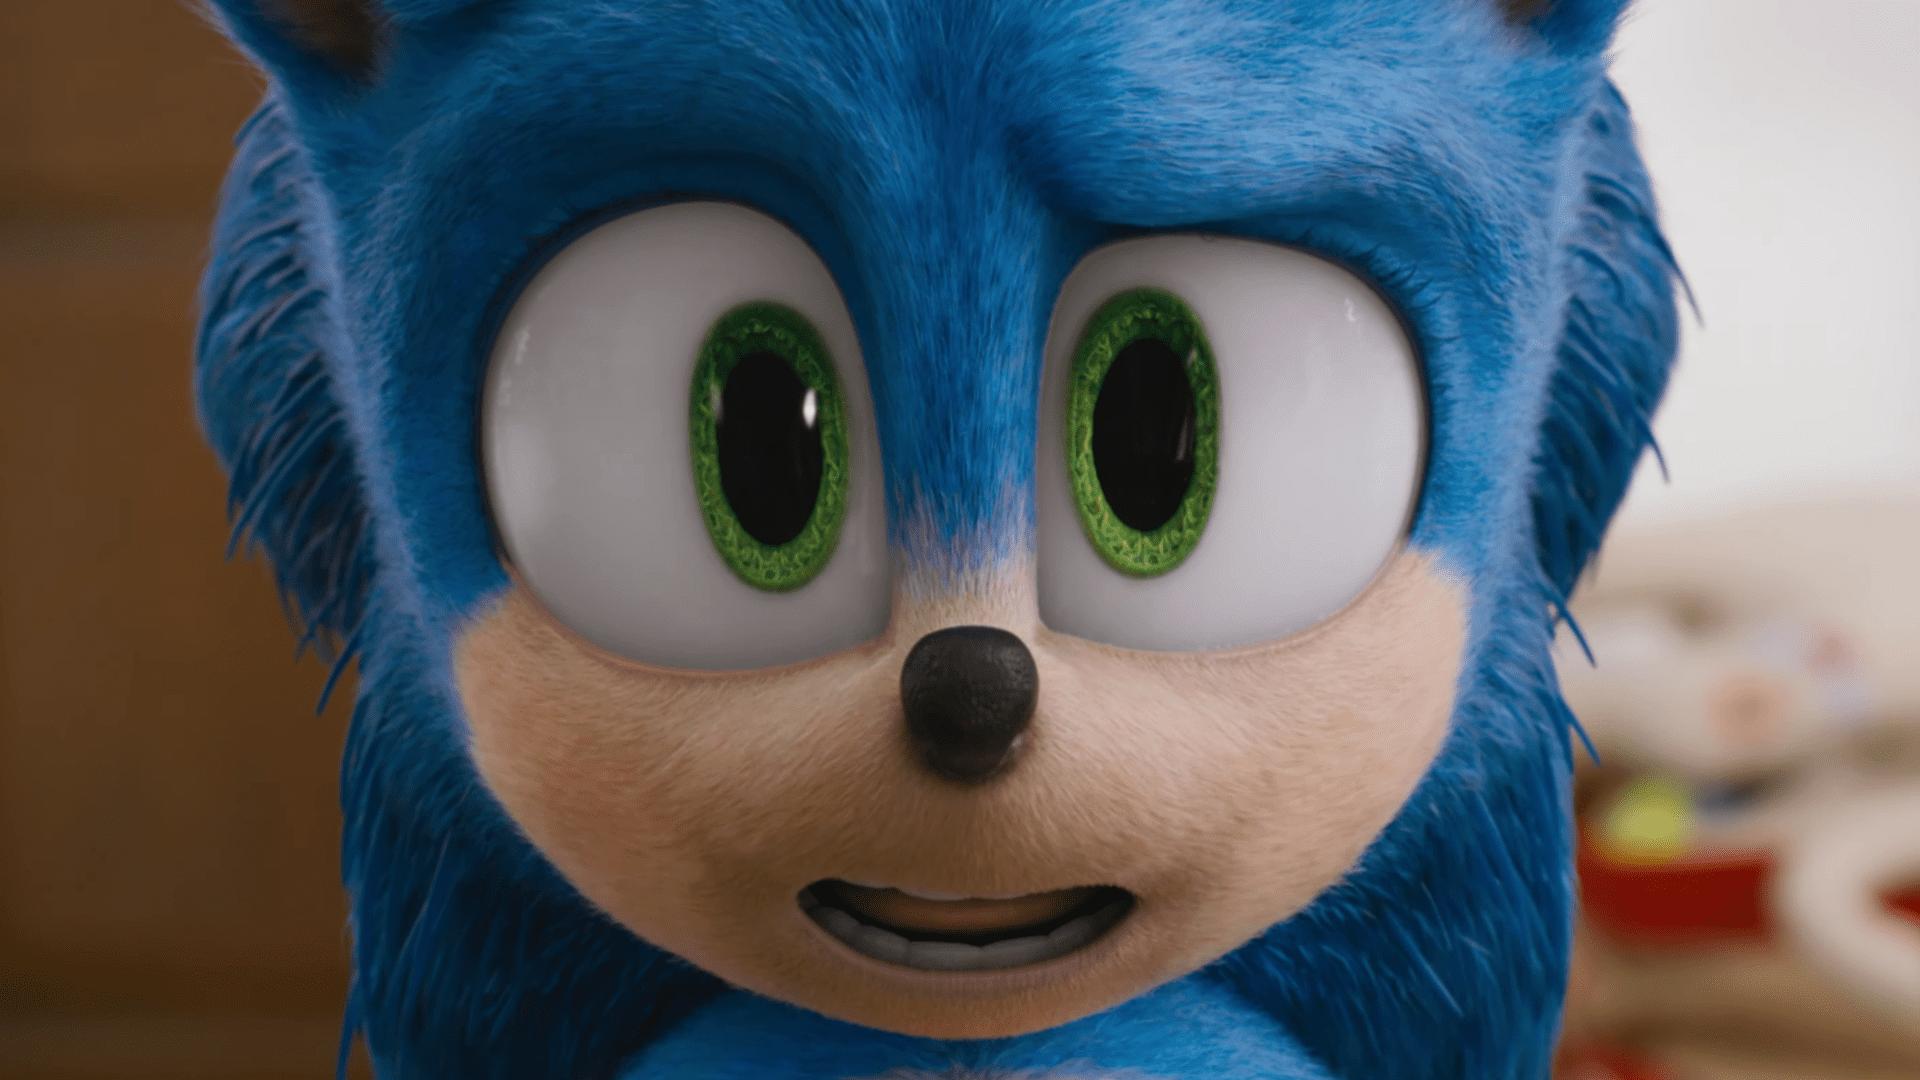 A equipe do Portal Viciados separou para o público 10 imagens em alta definição do novo trailer de Sonic – O Filme. Confira em nosso artigo: